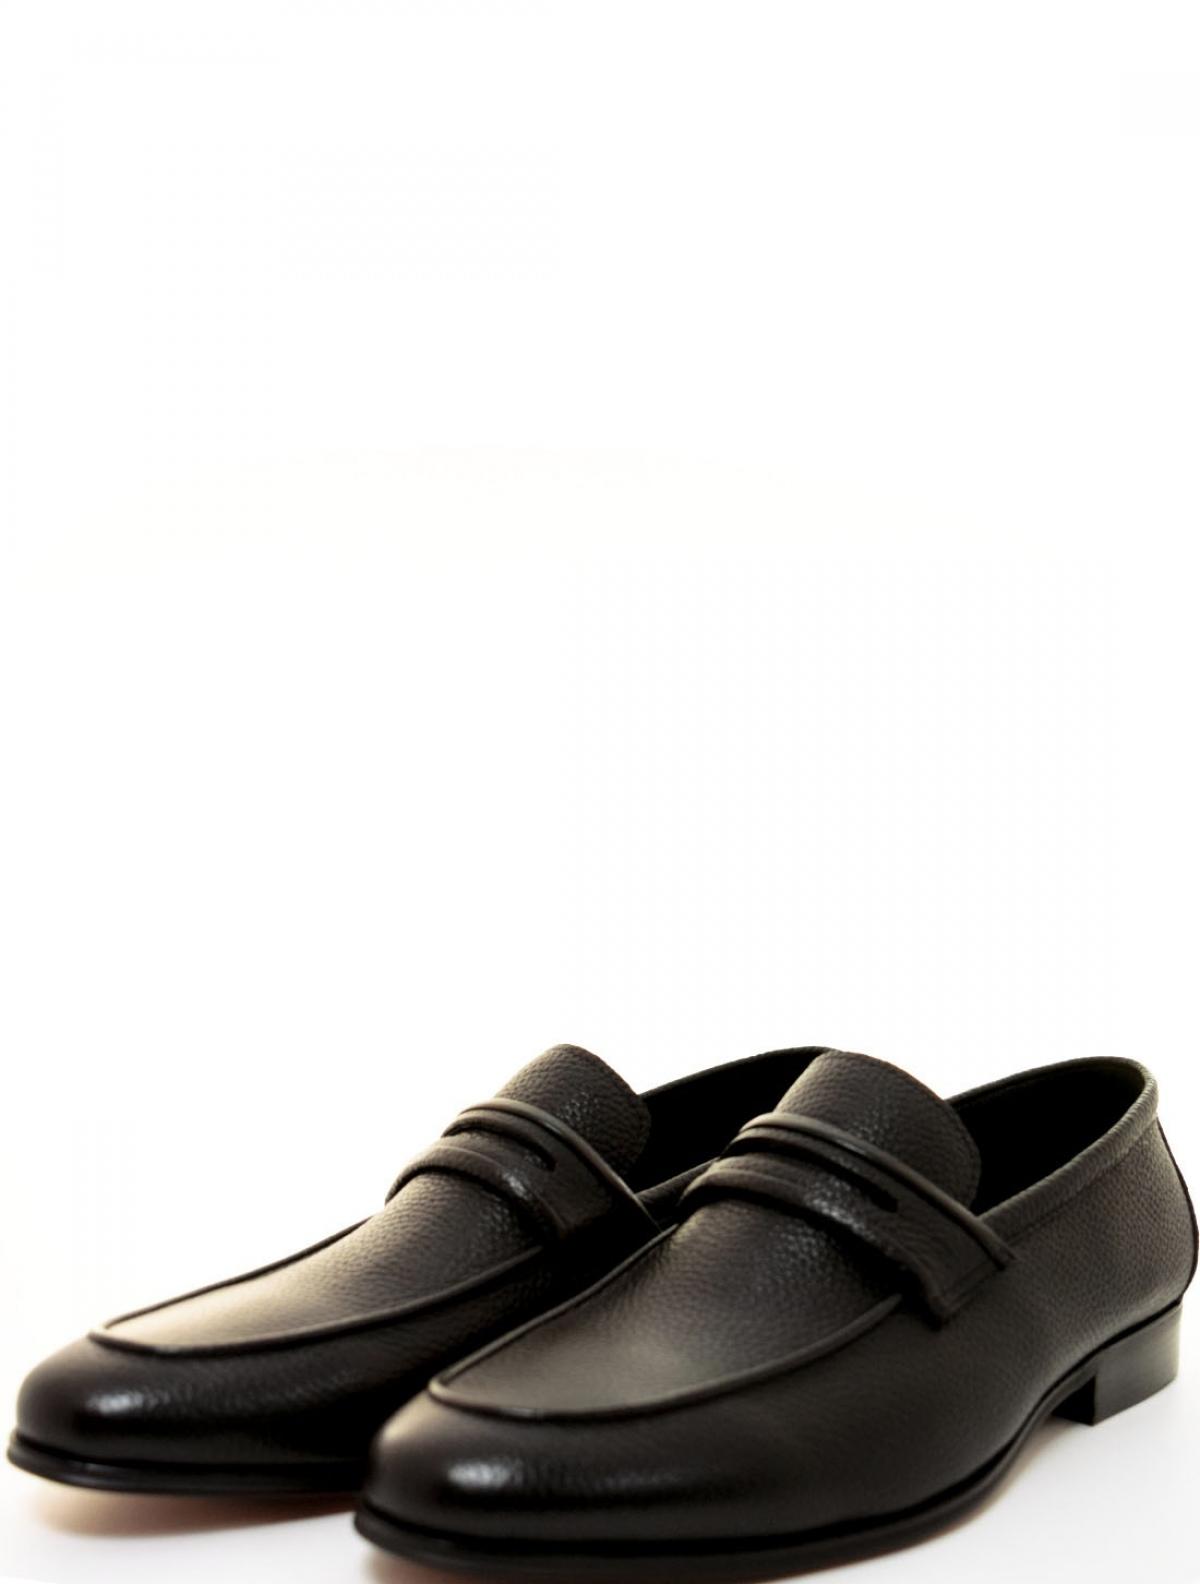 Roscote A0022-601-450-T2702 мужские туфли